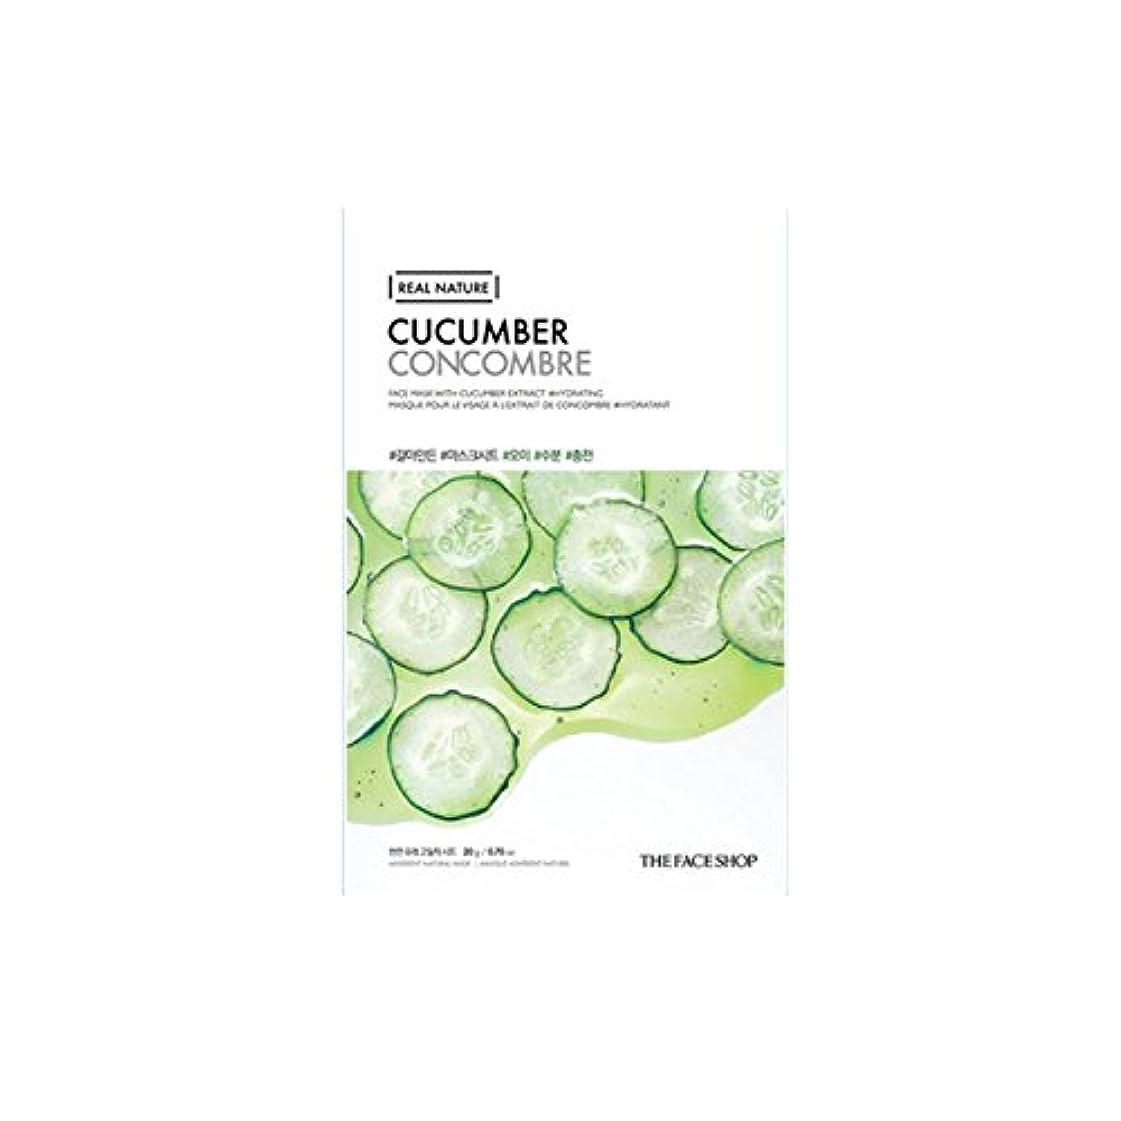 密輸請求可能リマーク[The Face Shop] ザフェイスショップ リアルネイチャーマスクシート Real Nature Mask Sheet (Cucumber (キュウリ) 10個) [並行輸入品]